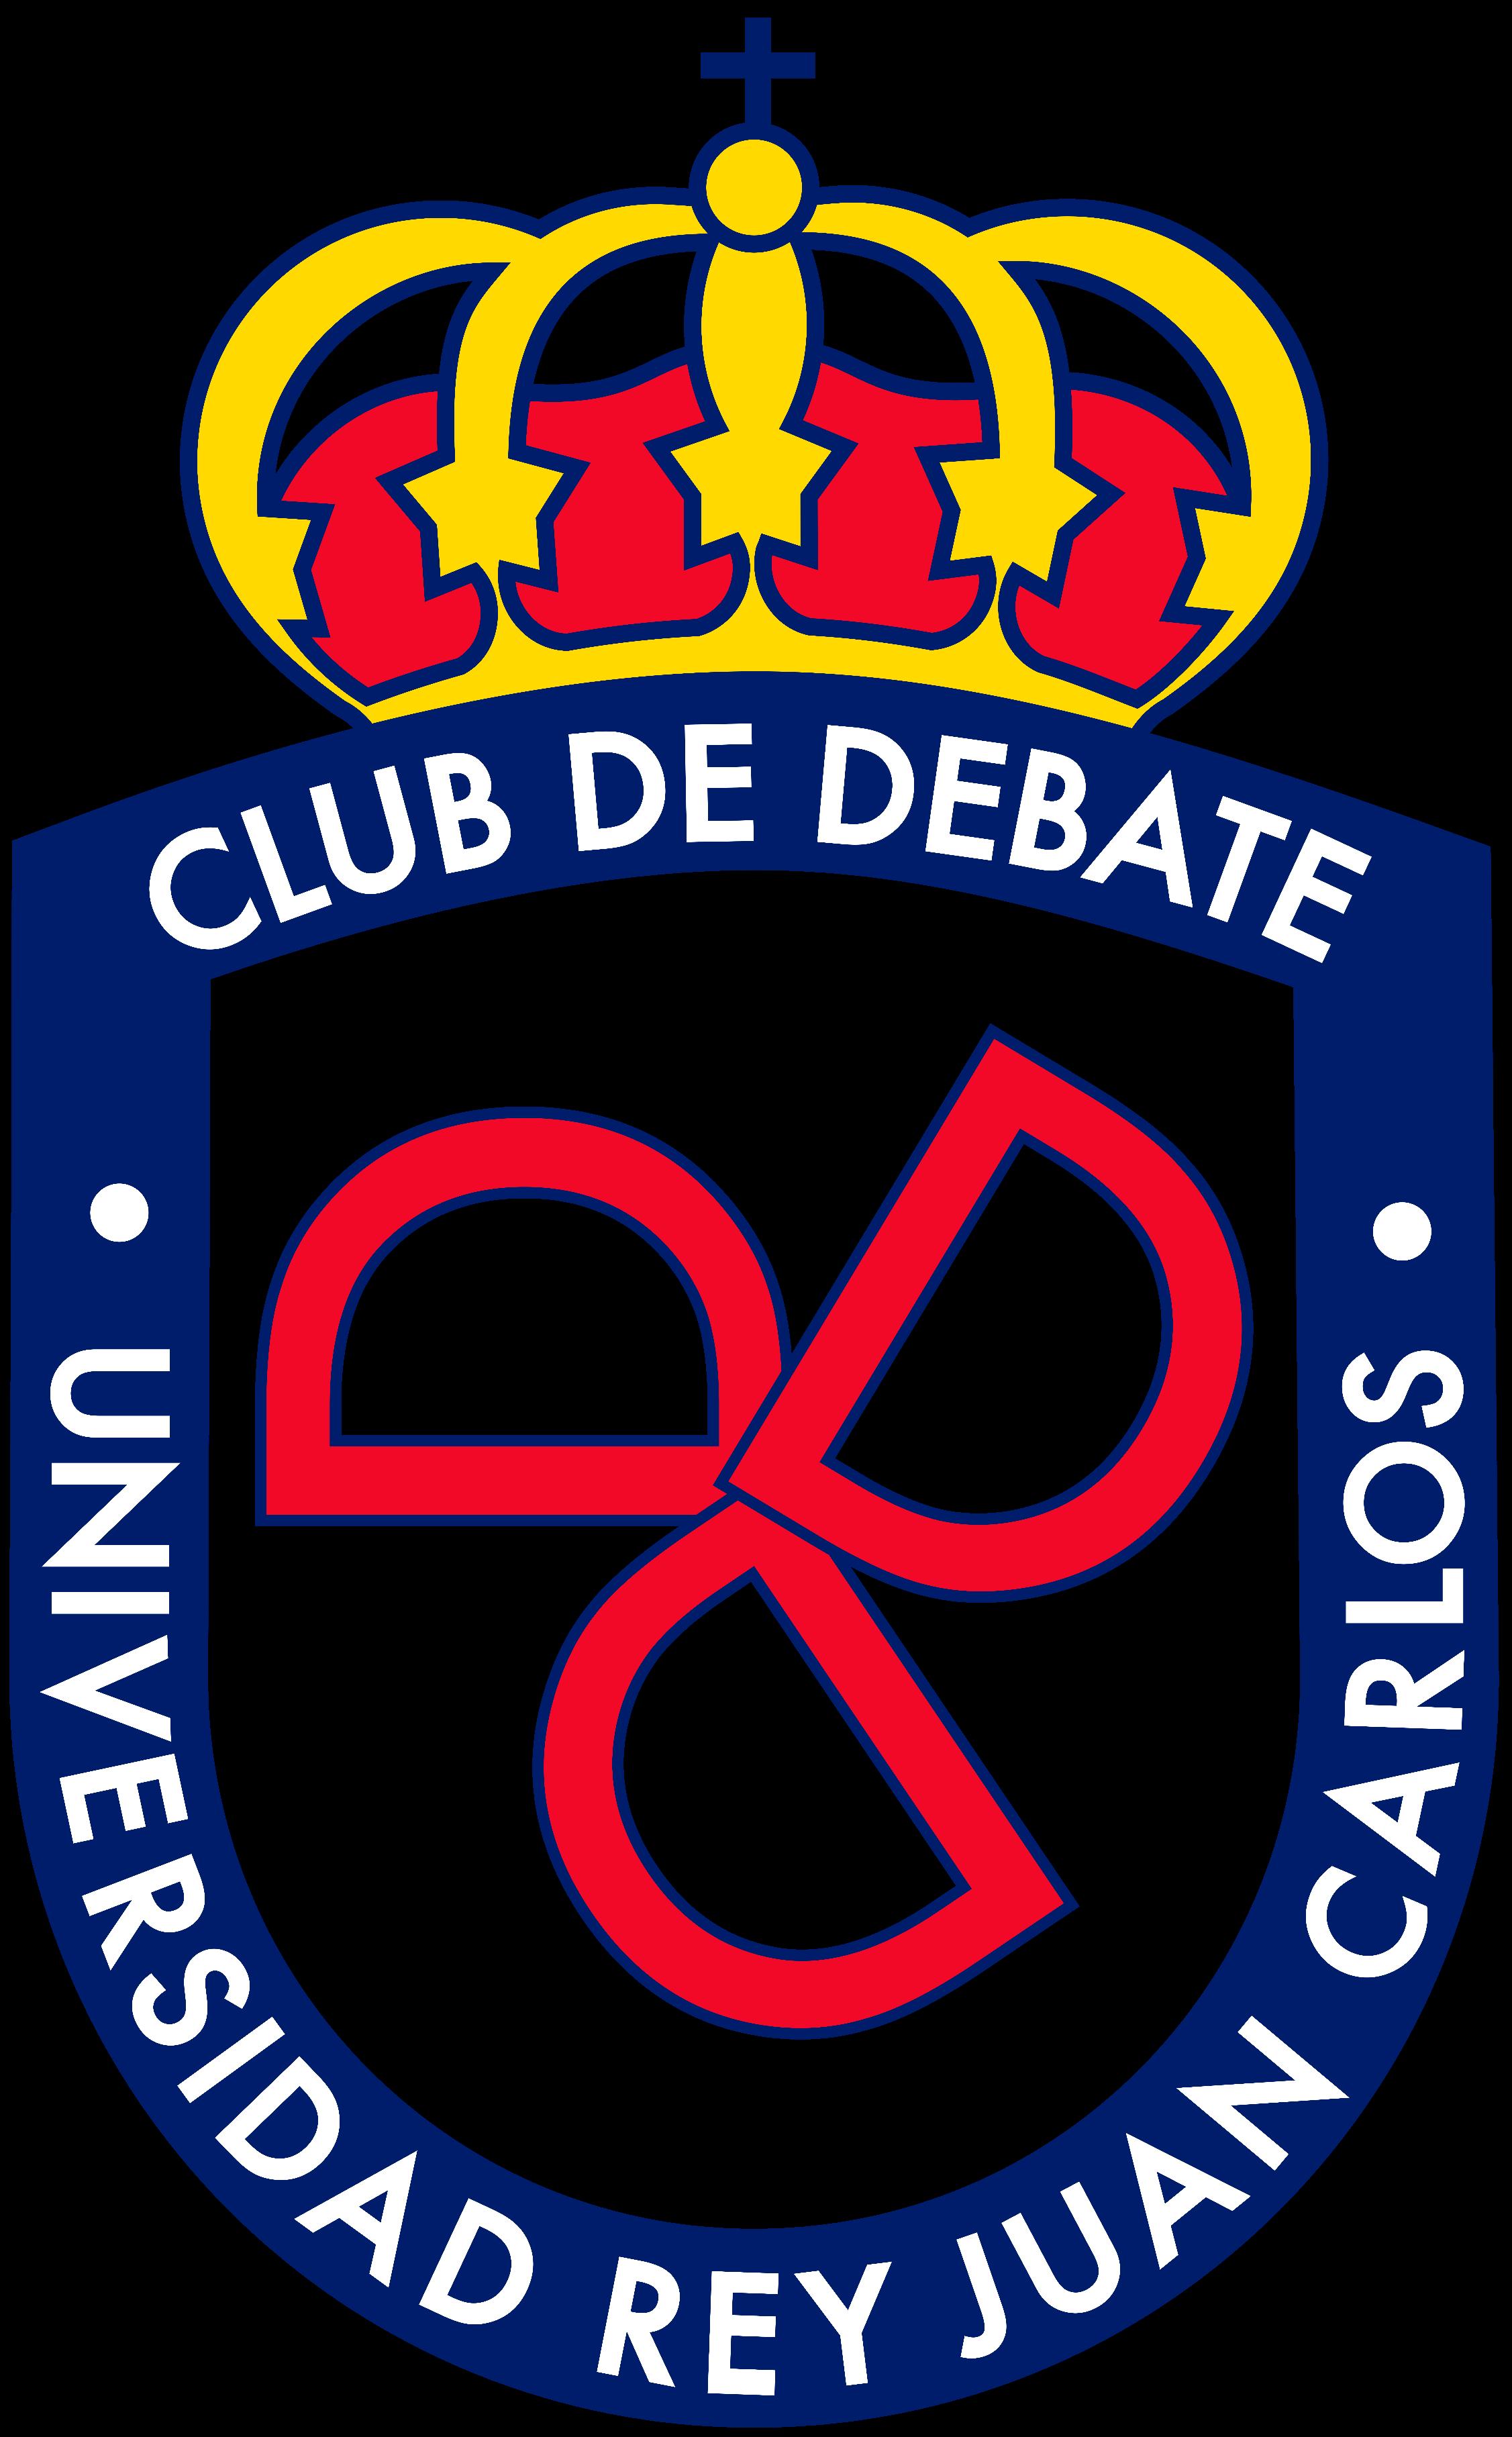 Club de Debate de la Universidad Rey Juan Carlos